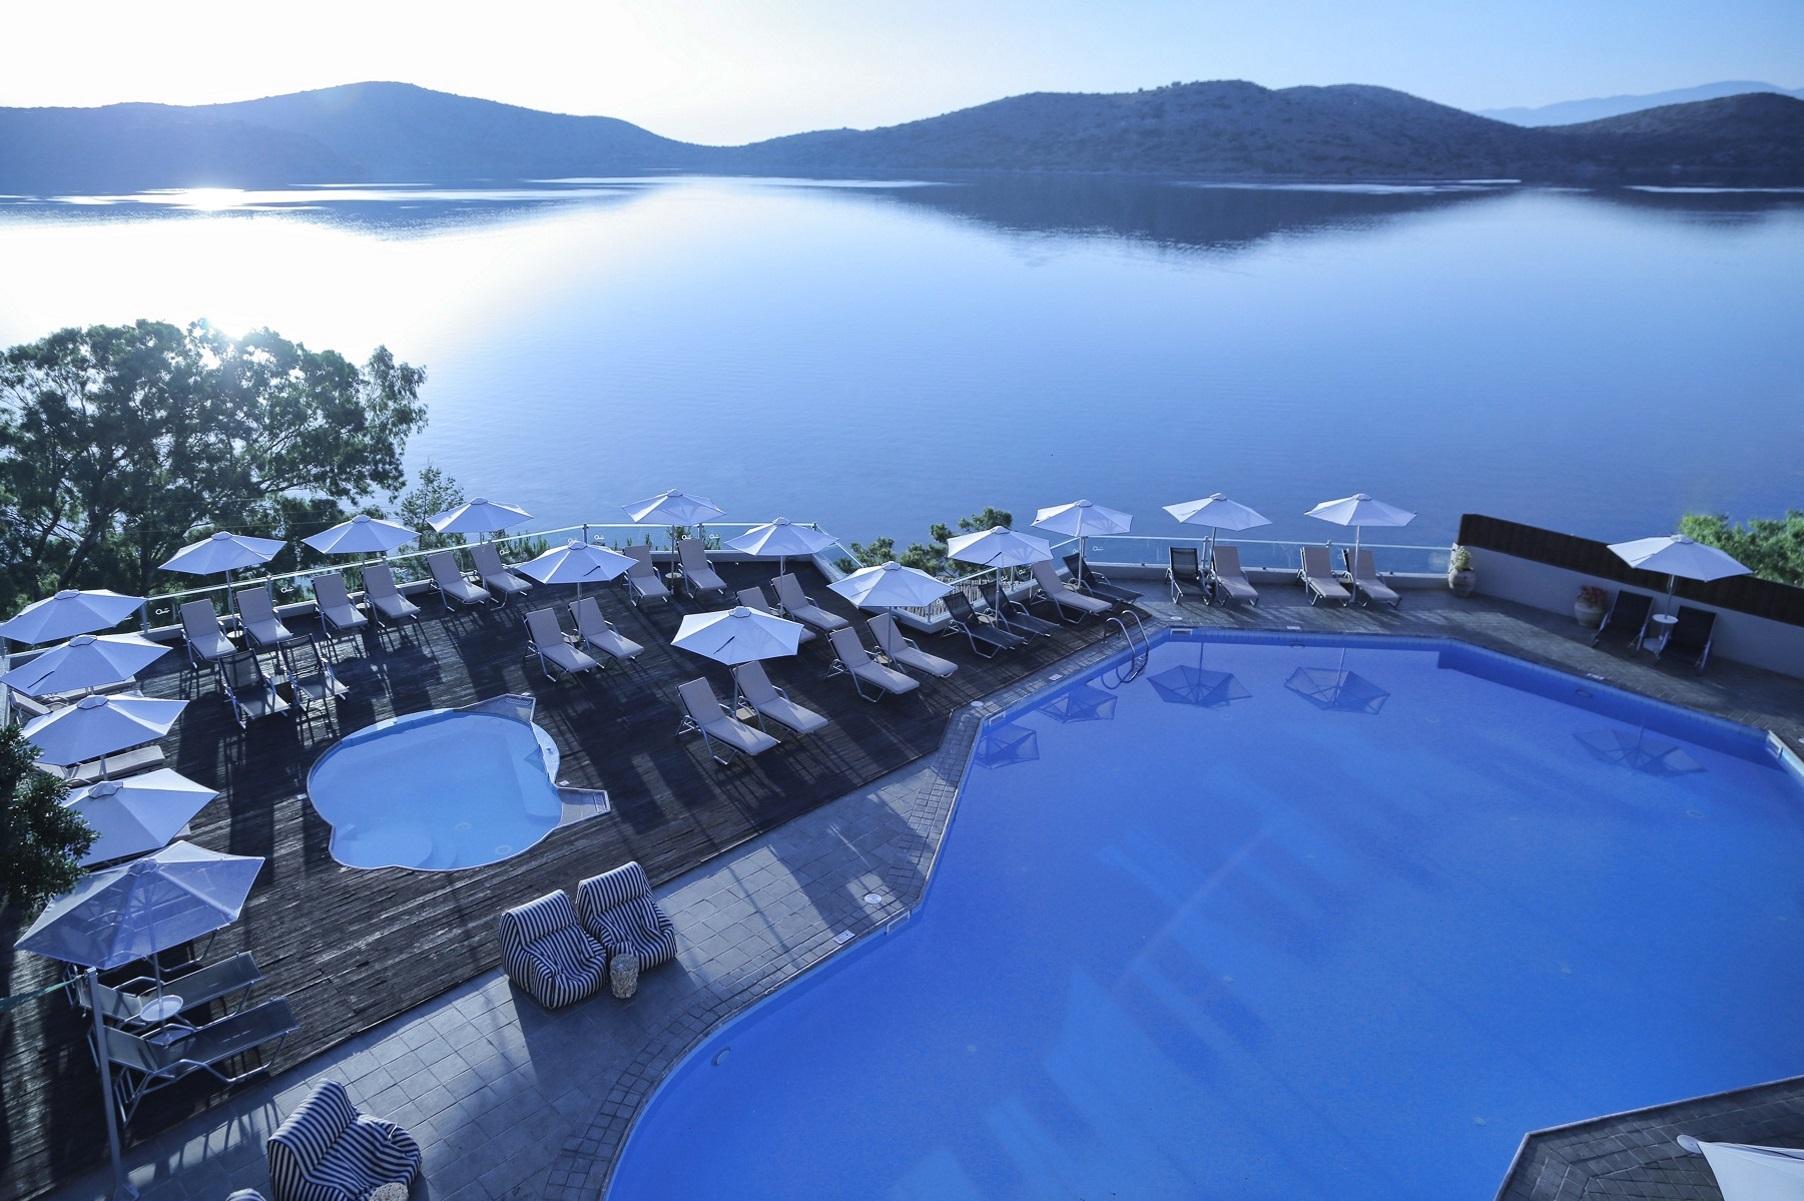 Ξενοδοχειακό deal: Το Elounda Blu στην Κρήτη σε διεθνή όμιλο